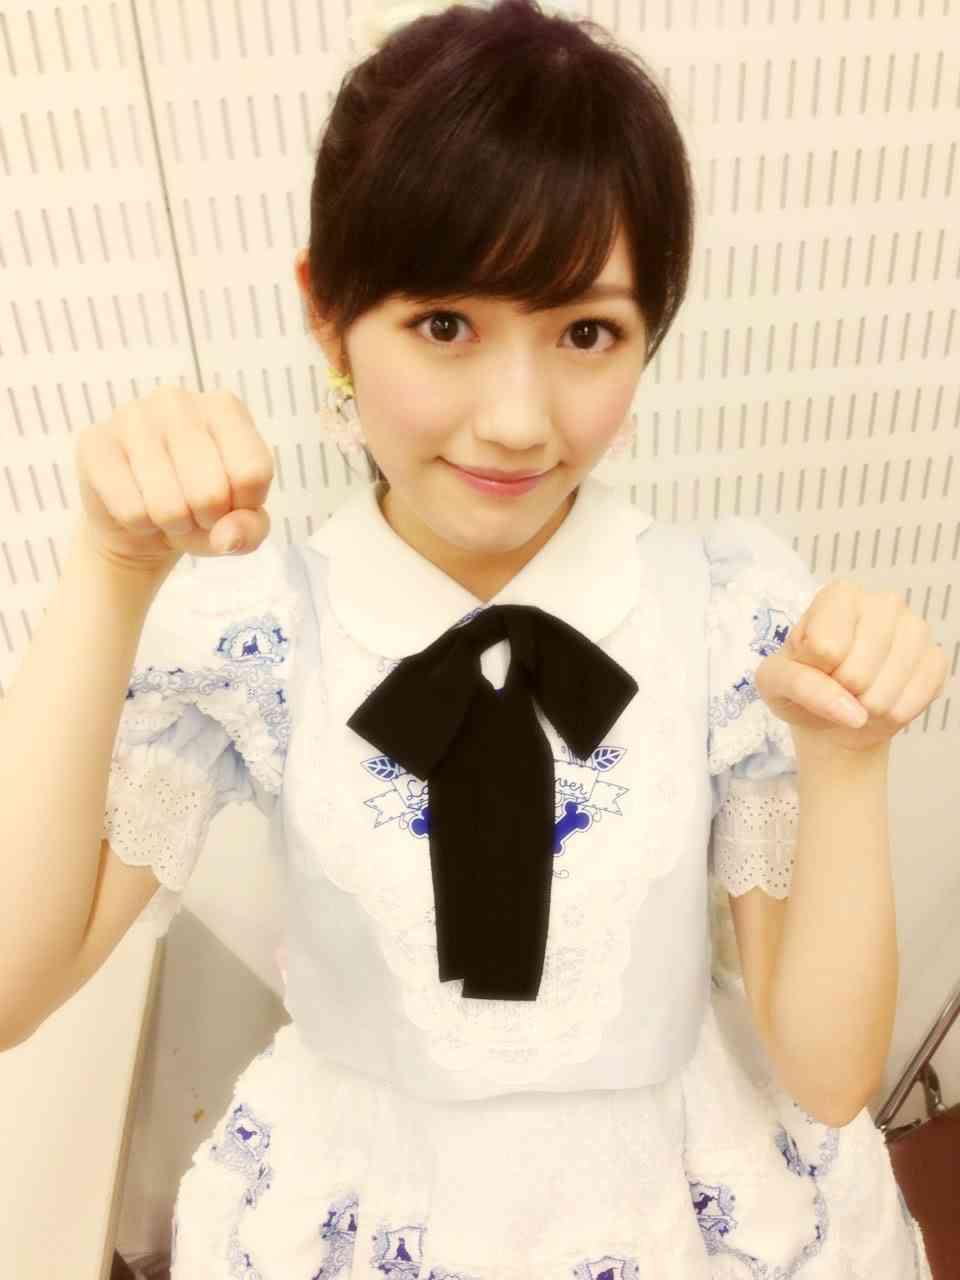 """AKB48渡辺麻友、ダメ男に鉄槌""""際どいヒロイン""""で「刺激的な夜をお届けしたい」"""